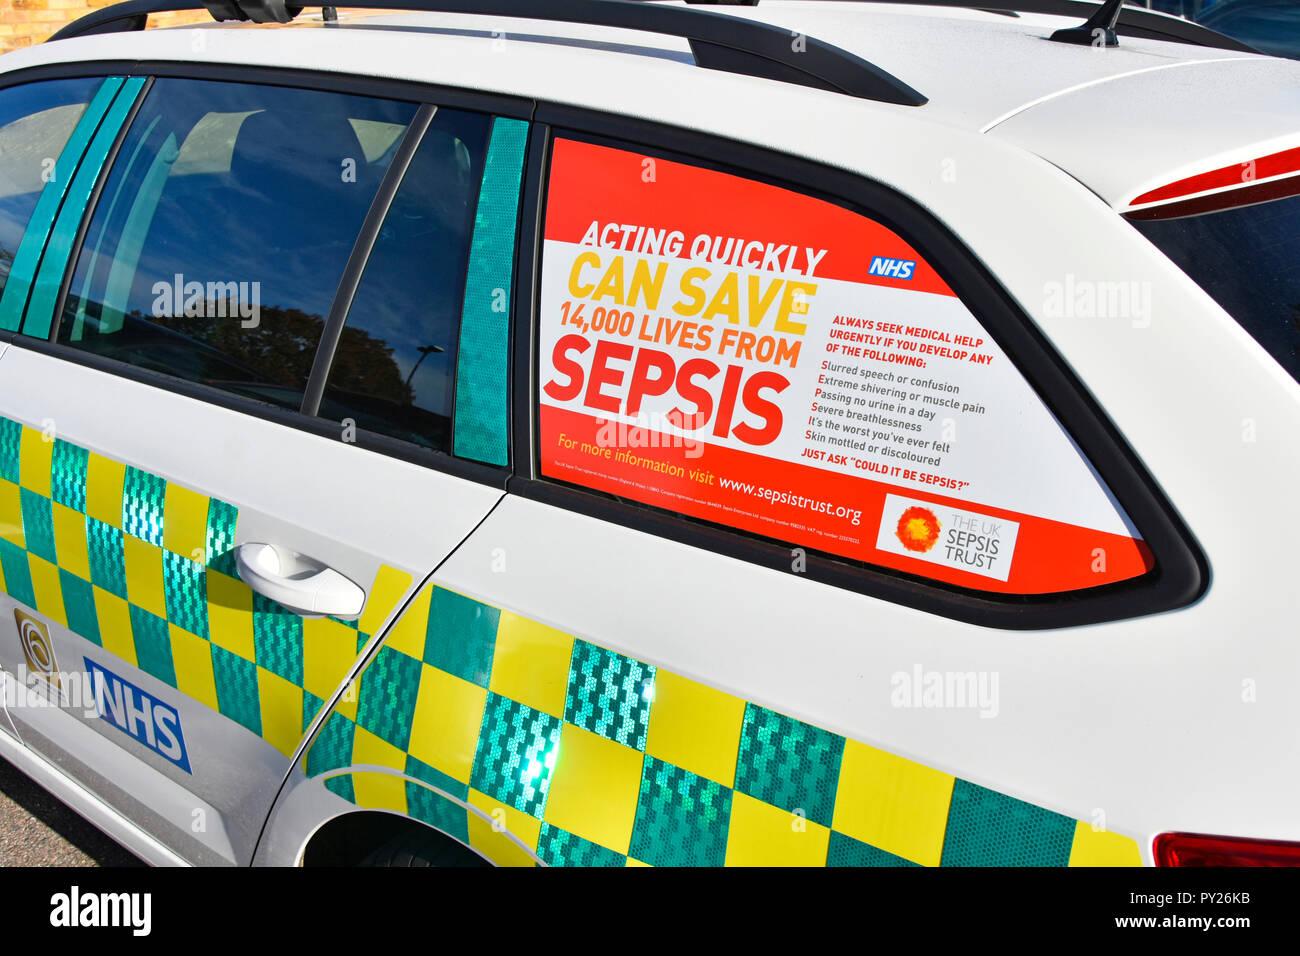 Healthcare Bewußtsein Plakat werbung promotion Retten von Sepsis NHS ärzte Auto Fenster in National Health Service Krankenhaus Essex England Großbritannien Stockfoto